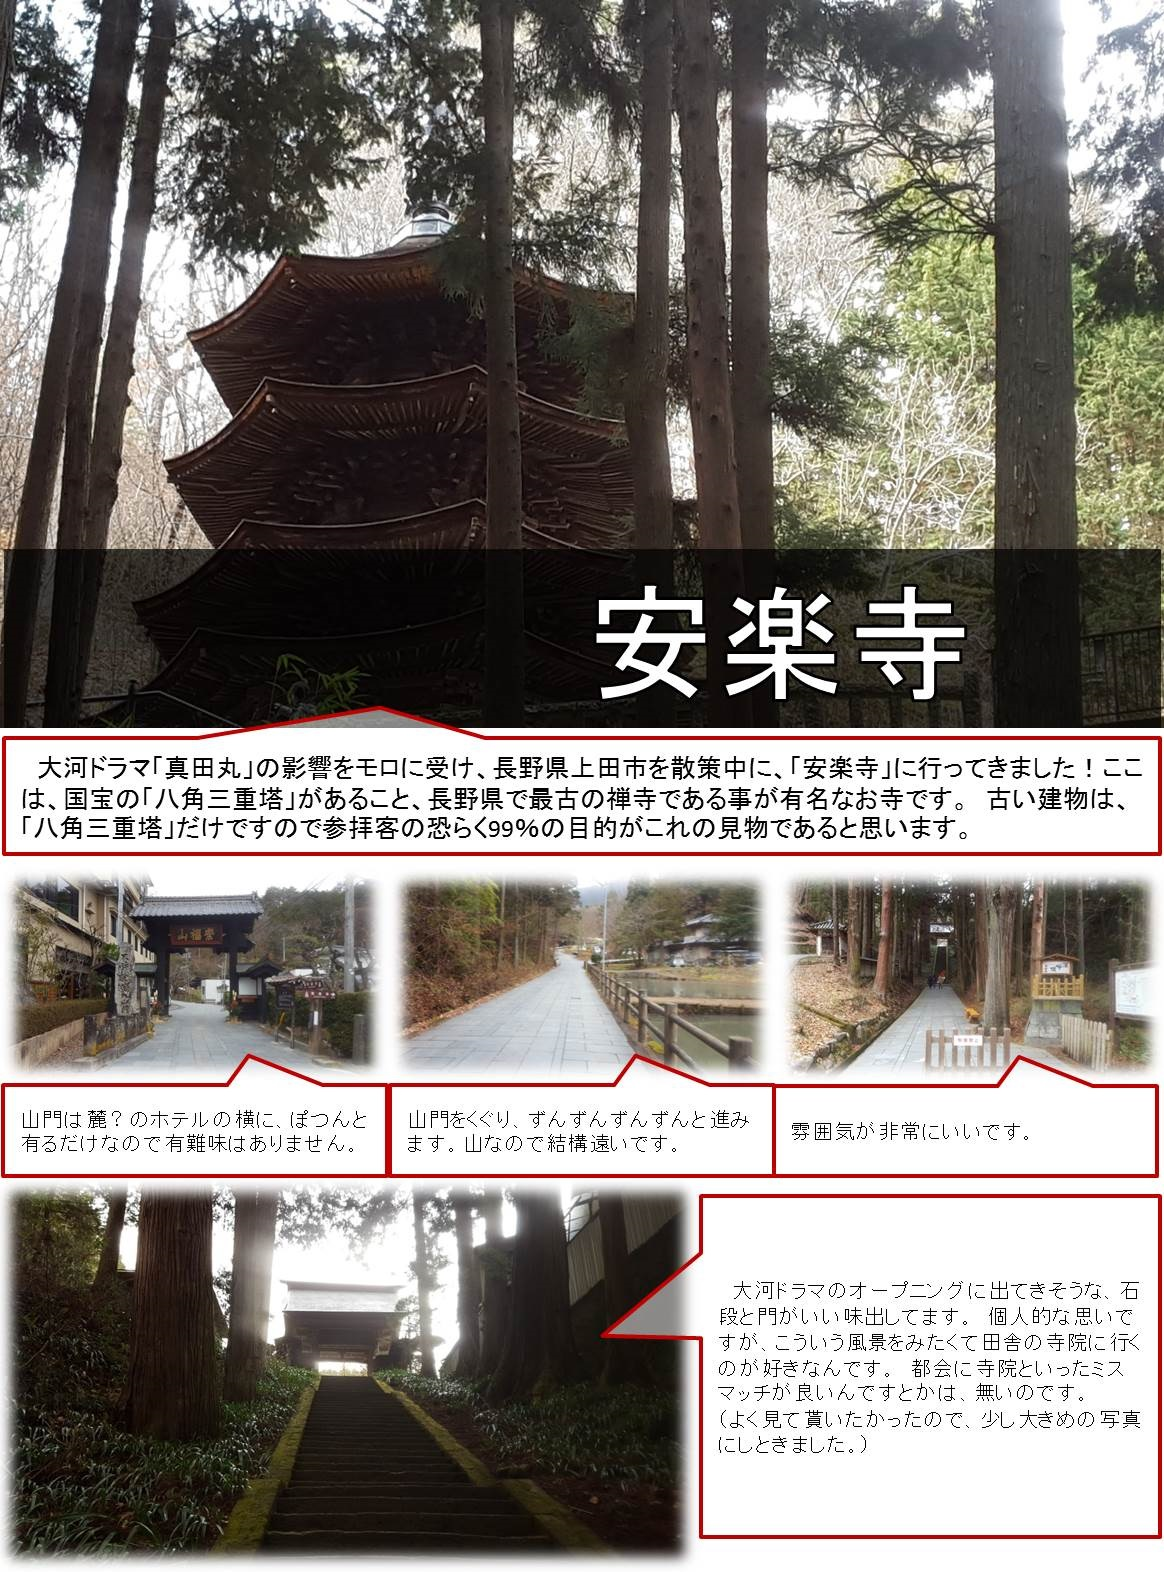 大河ドラマ「真田丸」の影響をモロに受け、長野県上田市を散策中に、「安楽寺」に行ってきました!ここは、国宝の「八角三重塔」があること、長野県で最古の禅寺である事が有名なお寺です。 古い建物は、「八角三重塔」だけですので参拝客の恐らく99%の目的がこれの見物であると思います。山門は麓?のホテルの横に、ぽつんと有るだけなので有難味はありません。 山門をくぐり、ずんずんずんずんと進みます。山なので結構遠いです。雰囲気が非常にいいです。 大河ドラマのオープニングに出てきそうな、石段と門がいい味出してます。 個人的な思いですが、こういう風景をみたくて田舎の寺院に行くのが好きなんです。 都会に寺院といったミスマッチが良いんですとかは、無いのです。 (よく見て貰いたかったので、少し大きめの写真にしときました。)